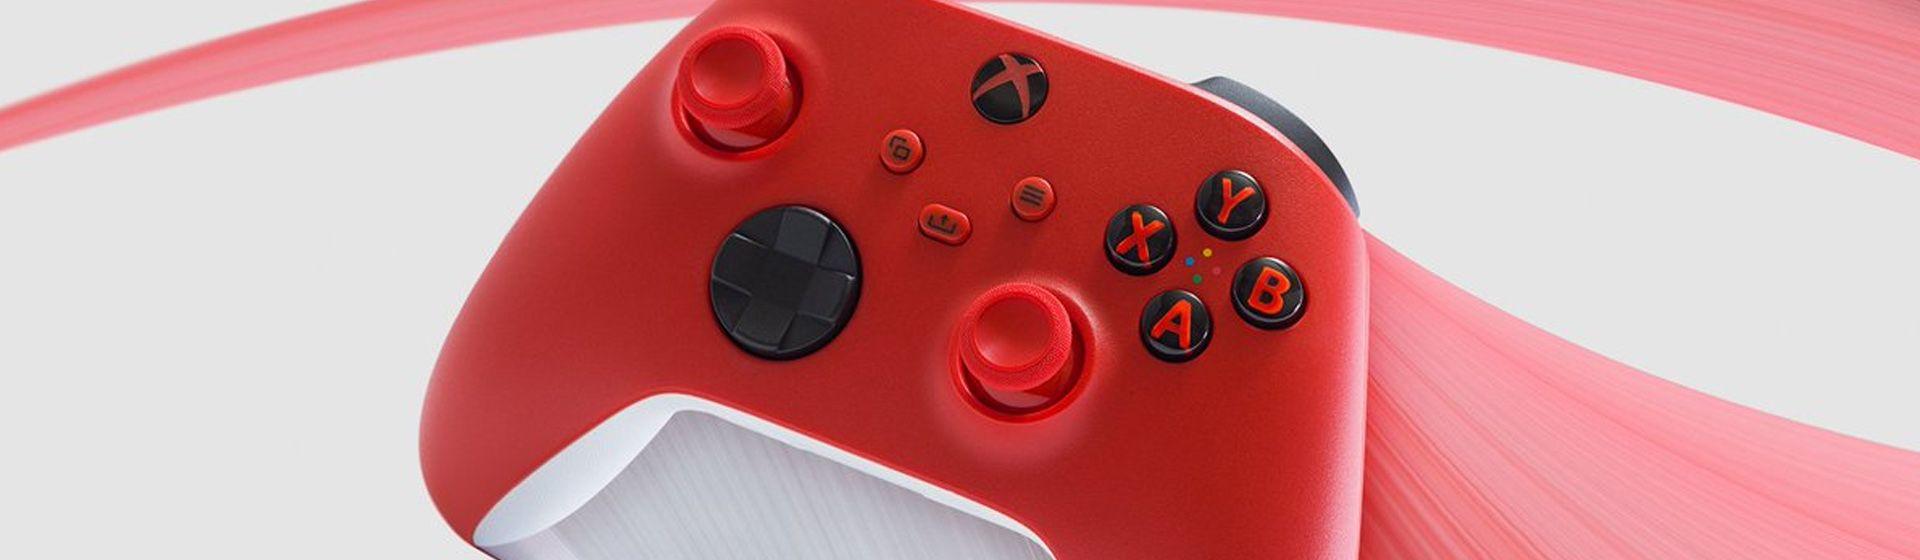 Controle de Xbox na cor vermelha é lançado pela Microsoft